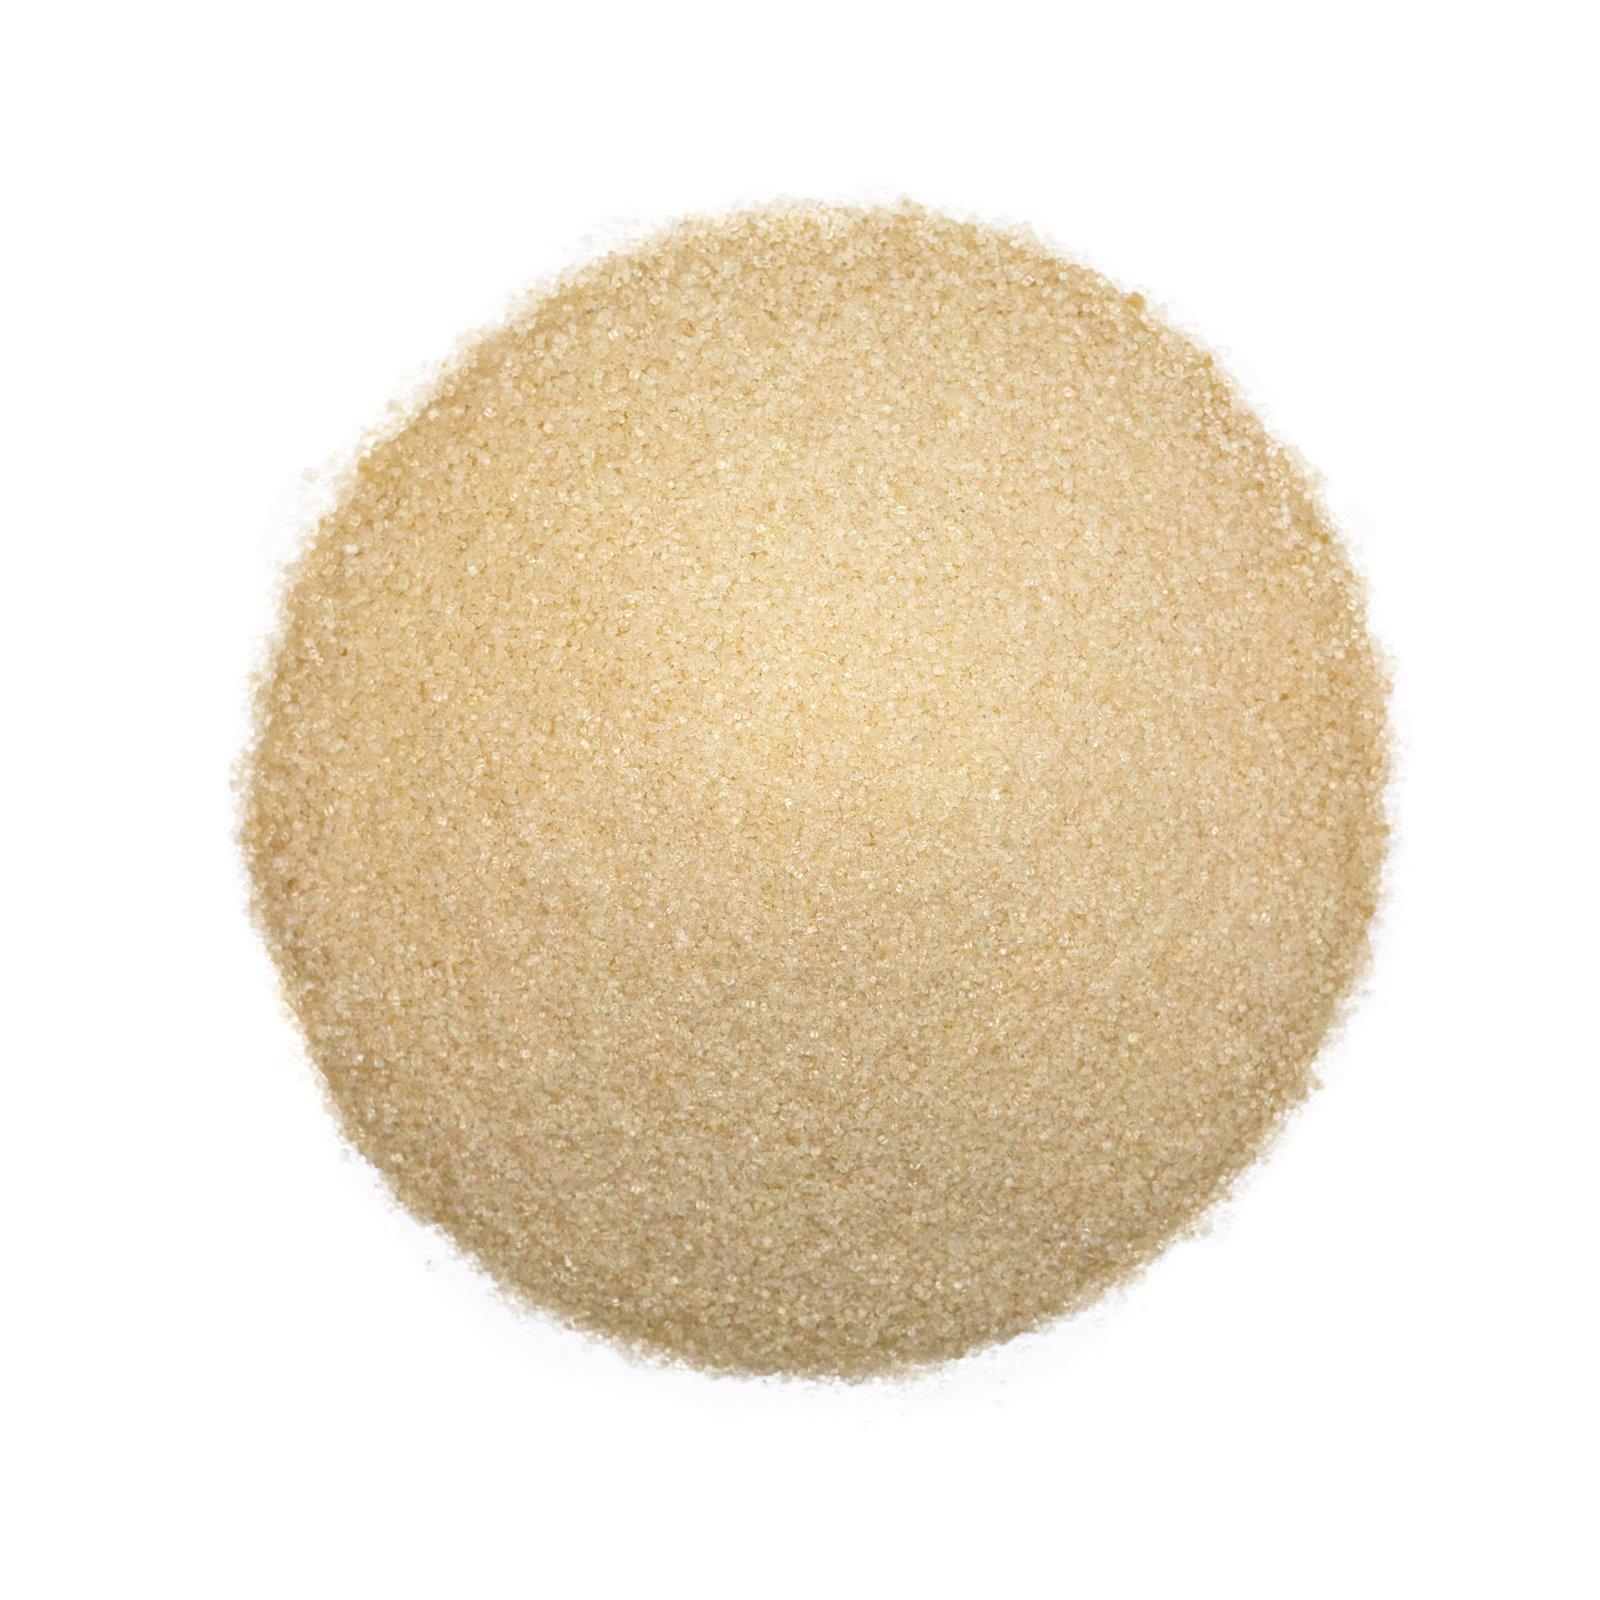 img-la-fourche-1kg-de-sucre-blond-bio-en-vrac